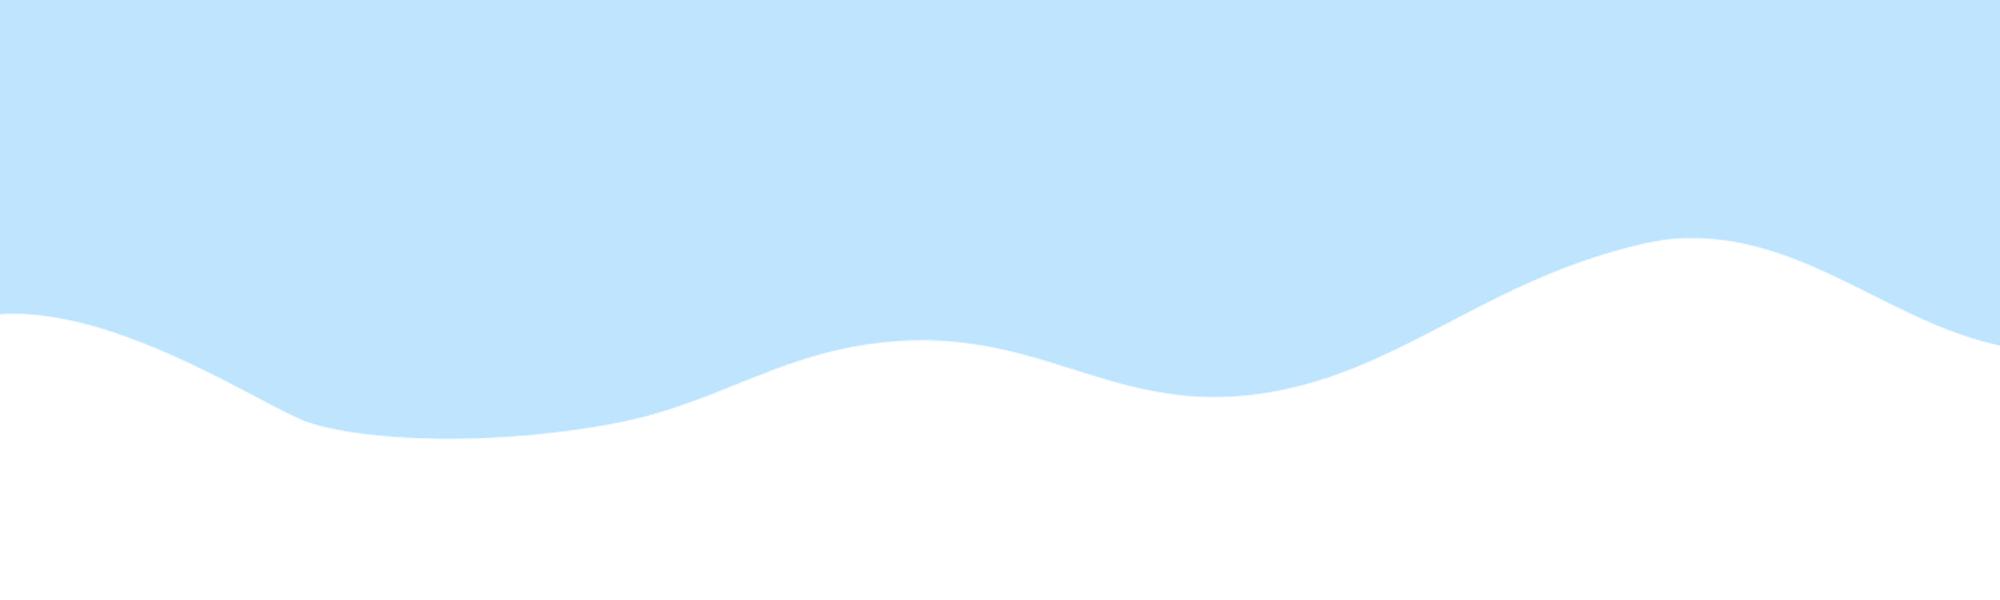 background-color-header-min-min